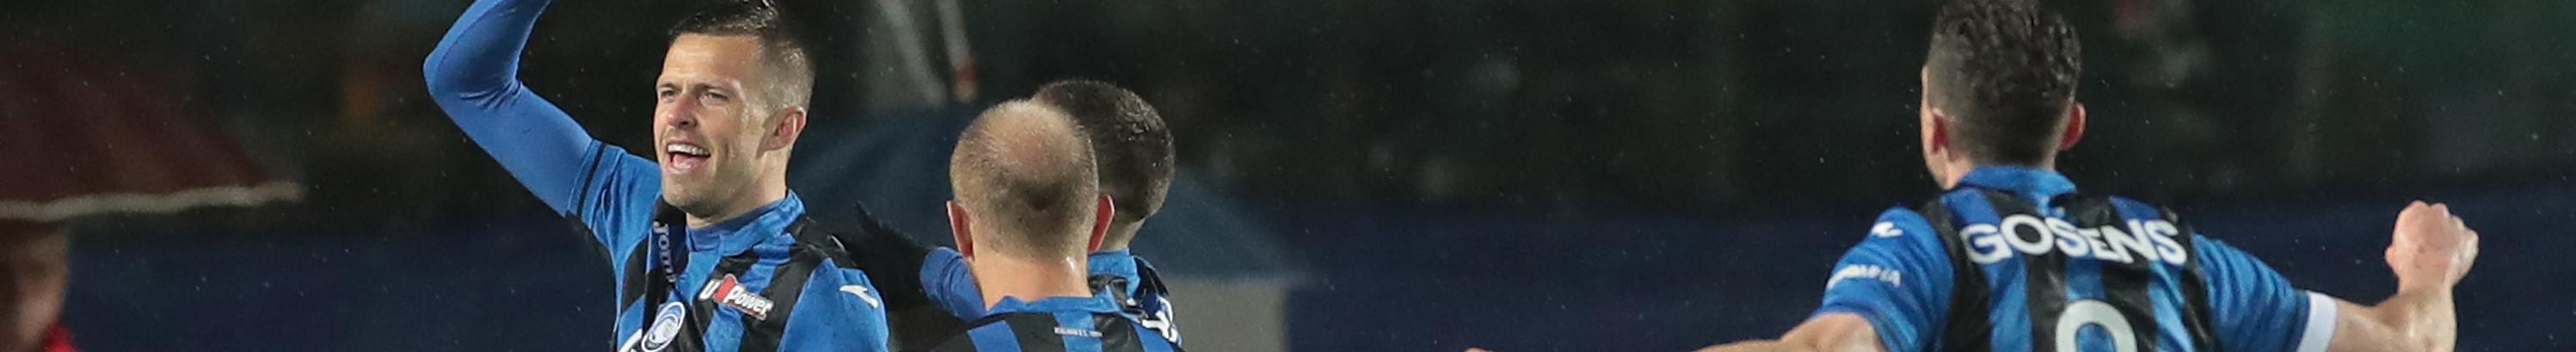 Atalanta-Fiorentina, Nerazzurri per la ciliegina sulla torta, Viola per salvare la stagione